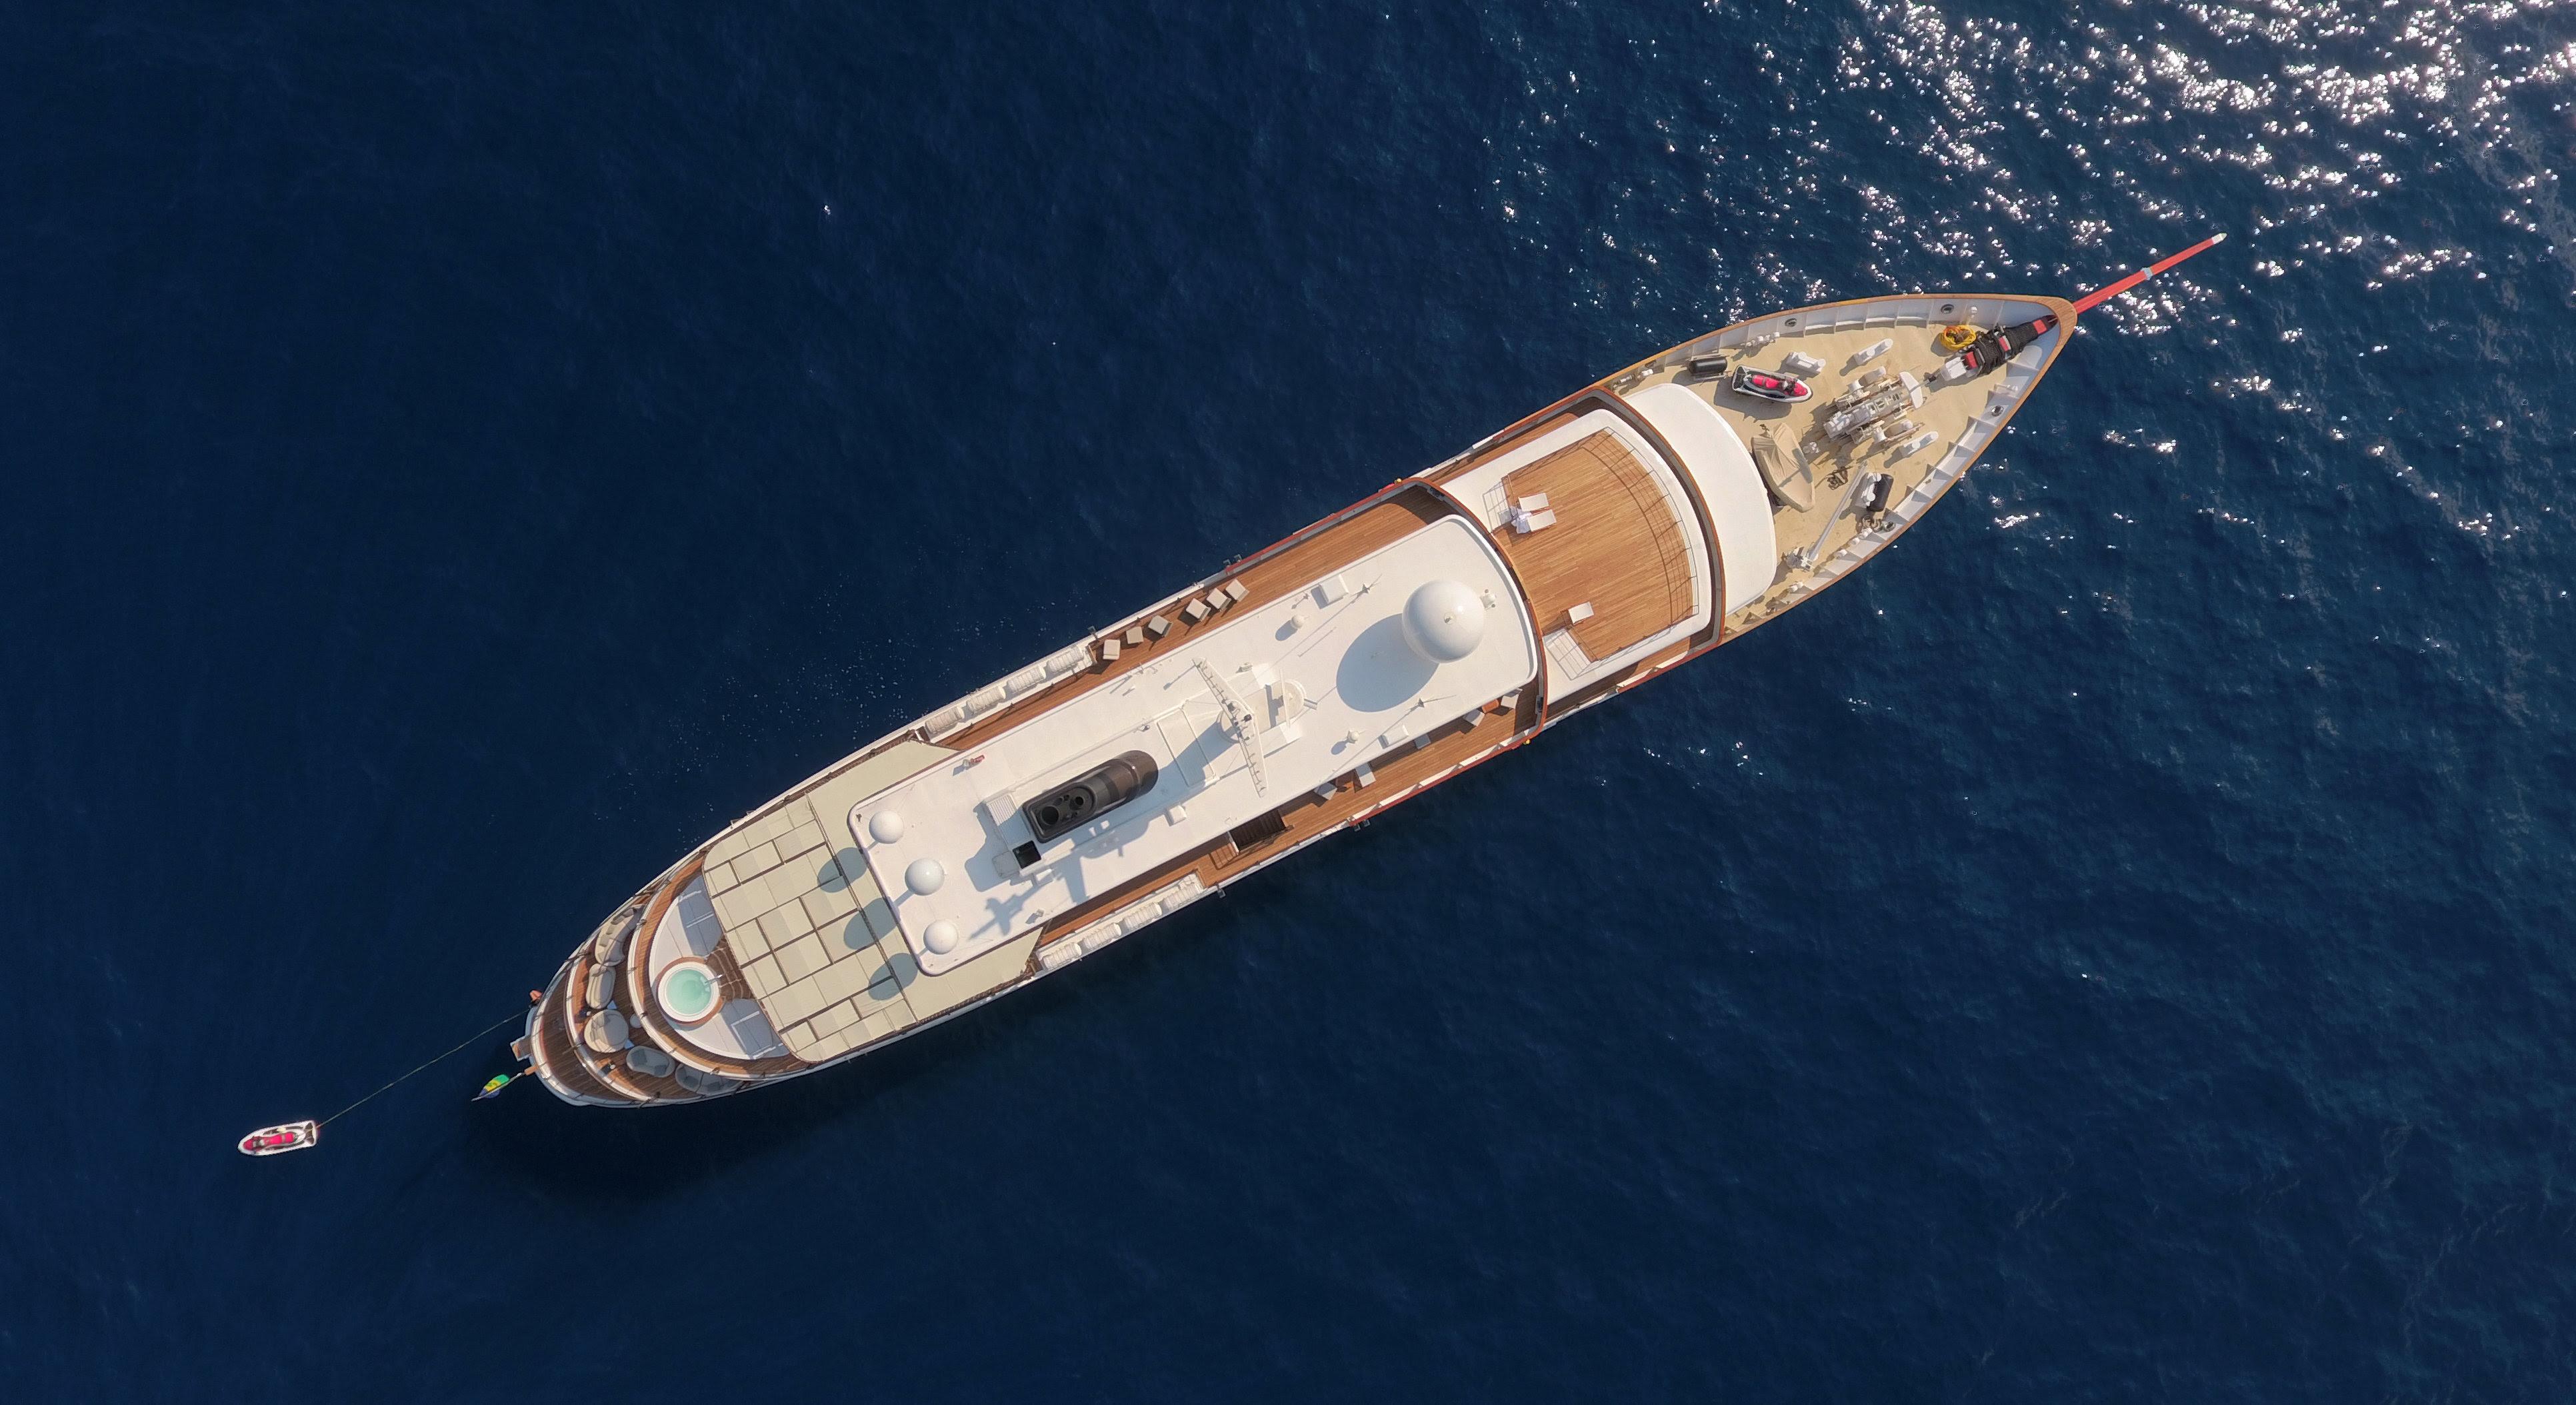 CHAKRA Charter Yacht